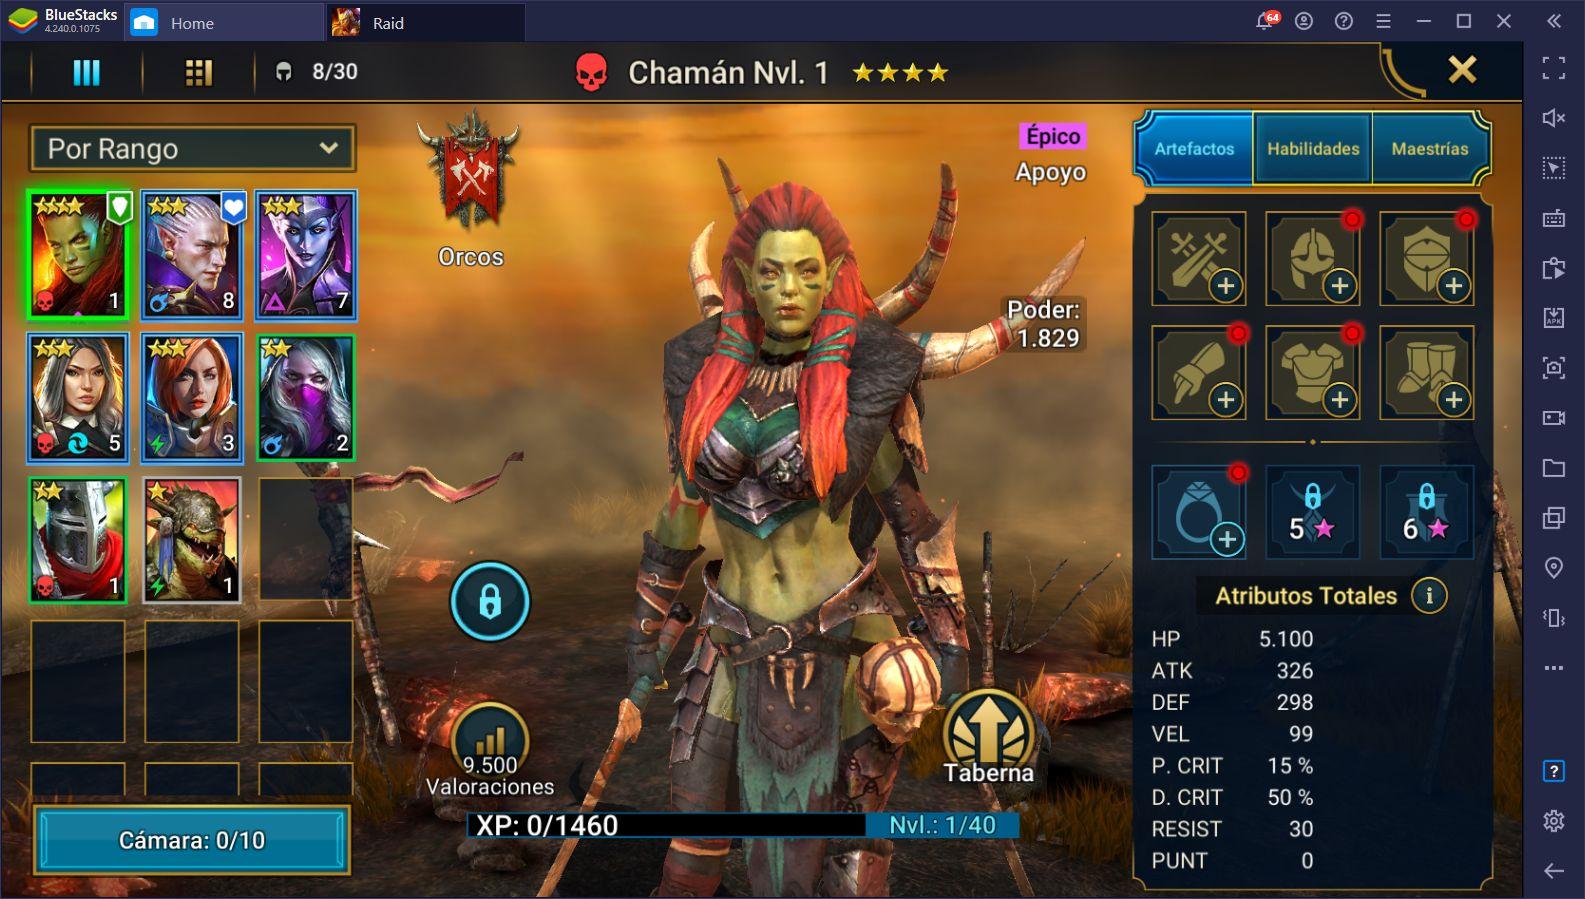 Actualización 2.30 para RAID: Shadow Legends – 5 Nuevos Héroes, Una Nueva FAQ, y Adiciones al Bazar